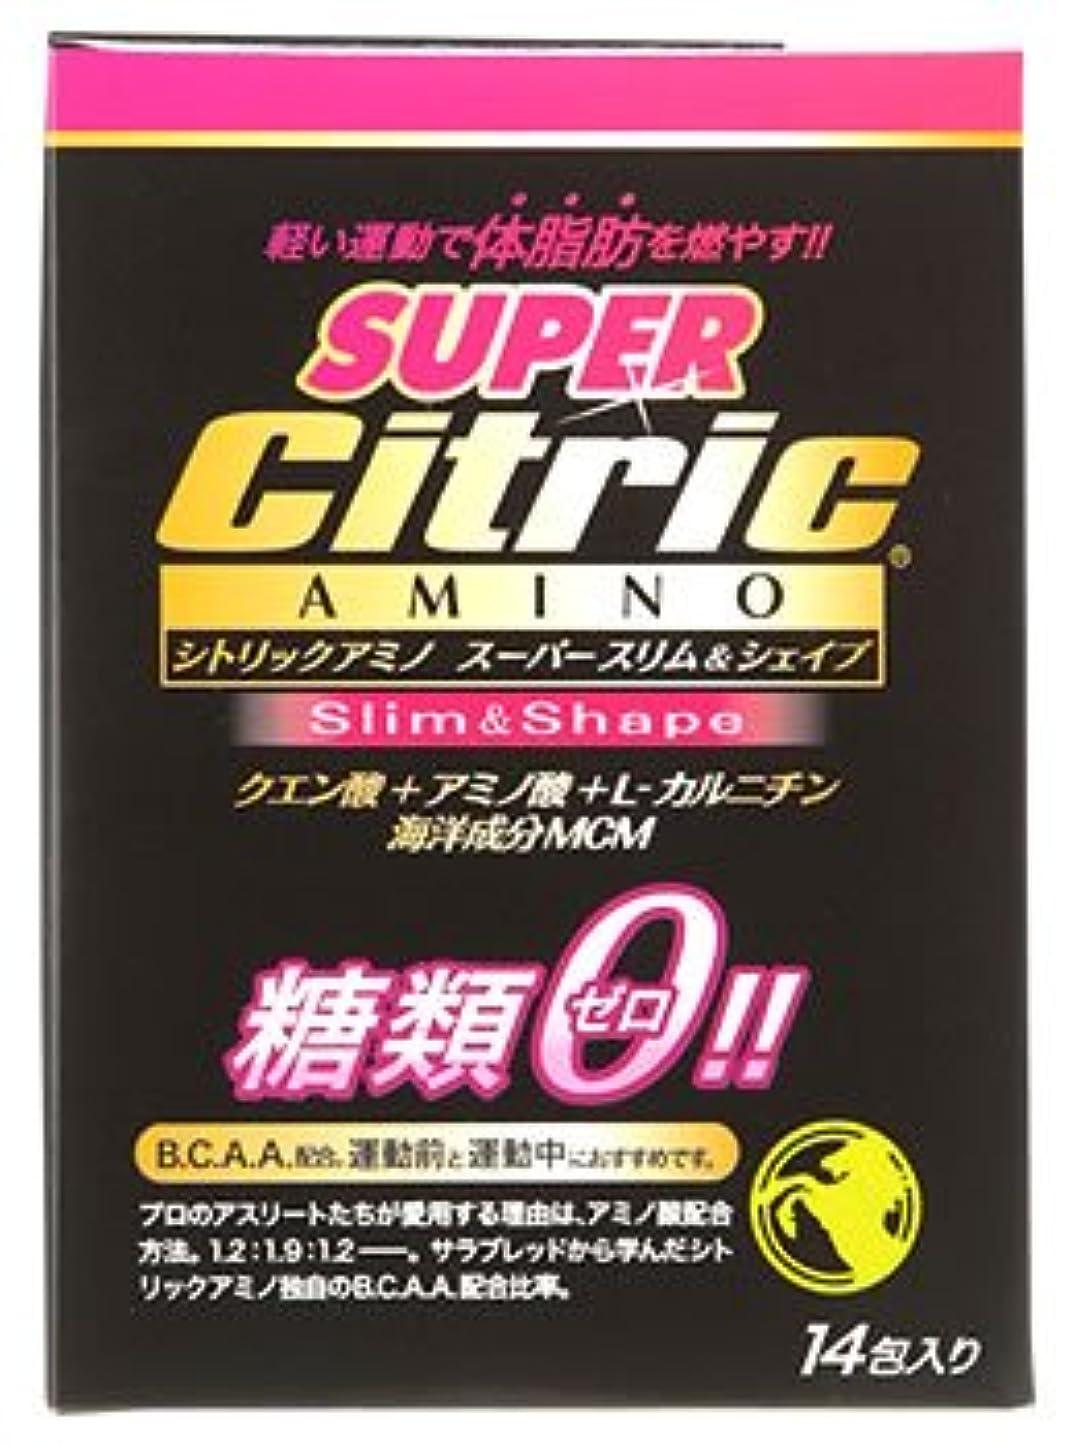 踏み台蓋計り知れないメダリスト?ジャパン シトリックアミノ スーパースリム&シェイプ JP (6g×14包入) クエン酸 アミノ酸 糖類ゼロ